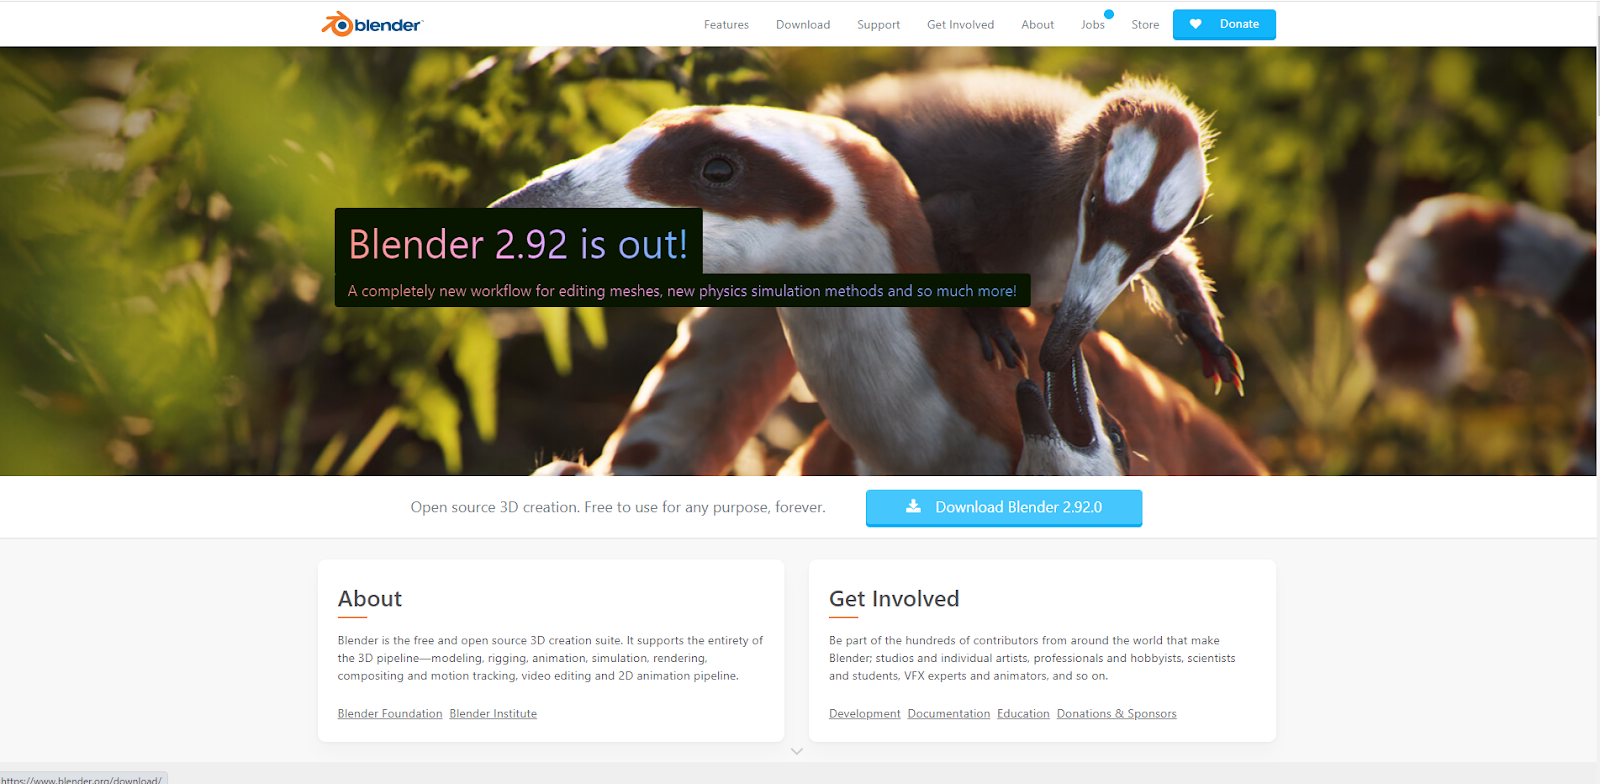 Blender Graphic Design Software